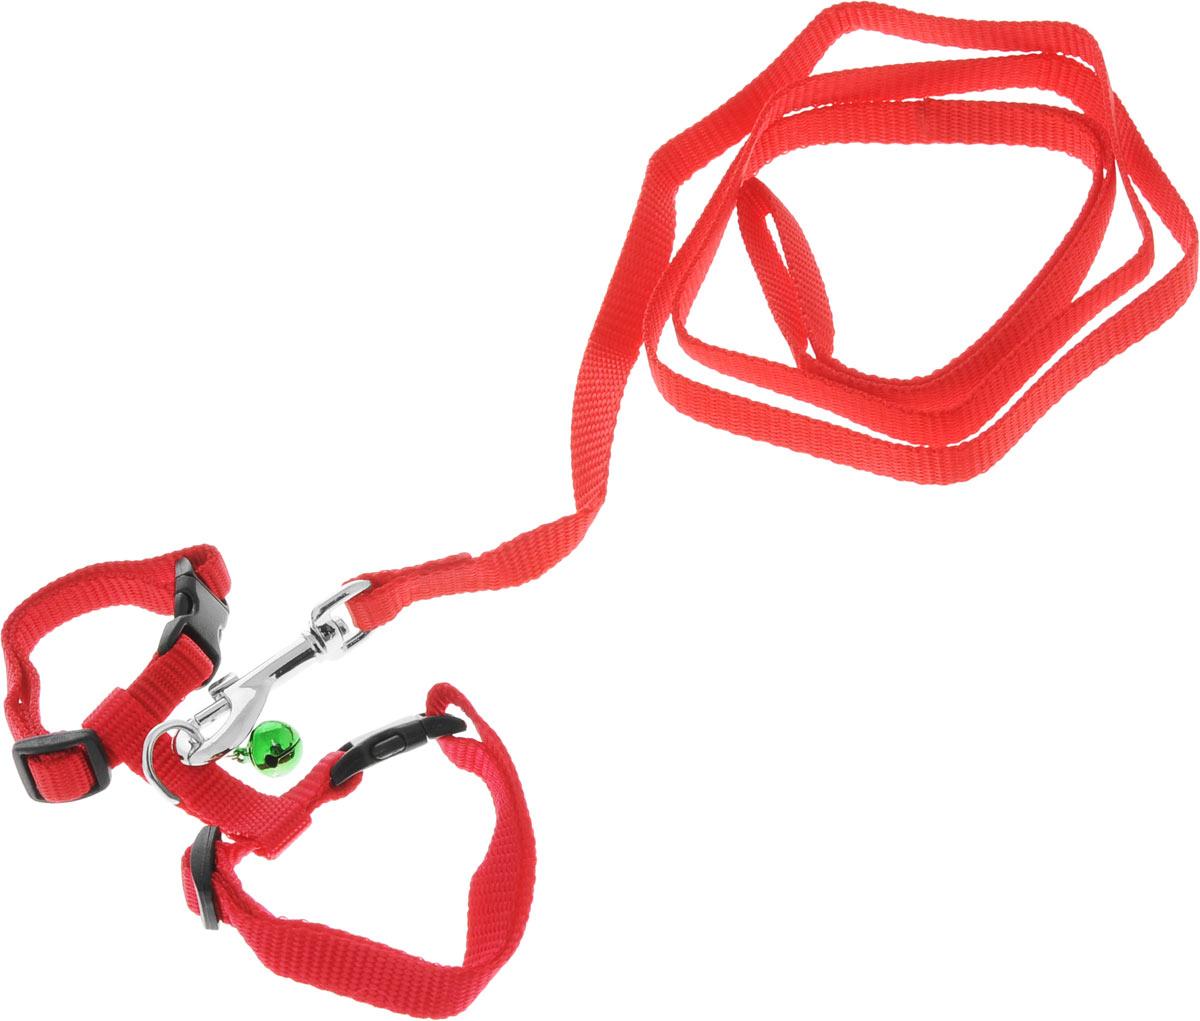 Шлейка для грызунов Каскад, с поводком, цвет: красный, ширина 10 мм, обхват груди 20-30 см01210011-02Шлейка изготовлена из прочного нейлона и дополнена бубенчиком, подходит для домашних грызунов. Крепкие металлические элементы делают ее надежной и долговечной. Шлейка - это альтернатива ошейнику. Правильно подобранная шлейка не стесняет движения питомца, не натирает кожу, поэтому животное чувствует себя в ней уверенно и комфортно. Размер регулируется при помощи пряжки. В комплекте поводок с металлическим карабином. Обхват груди: 20-30 см. Ширина шлейки: 1 см. Длина поводка: 108 см.